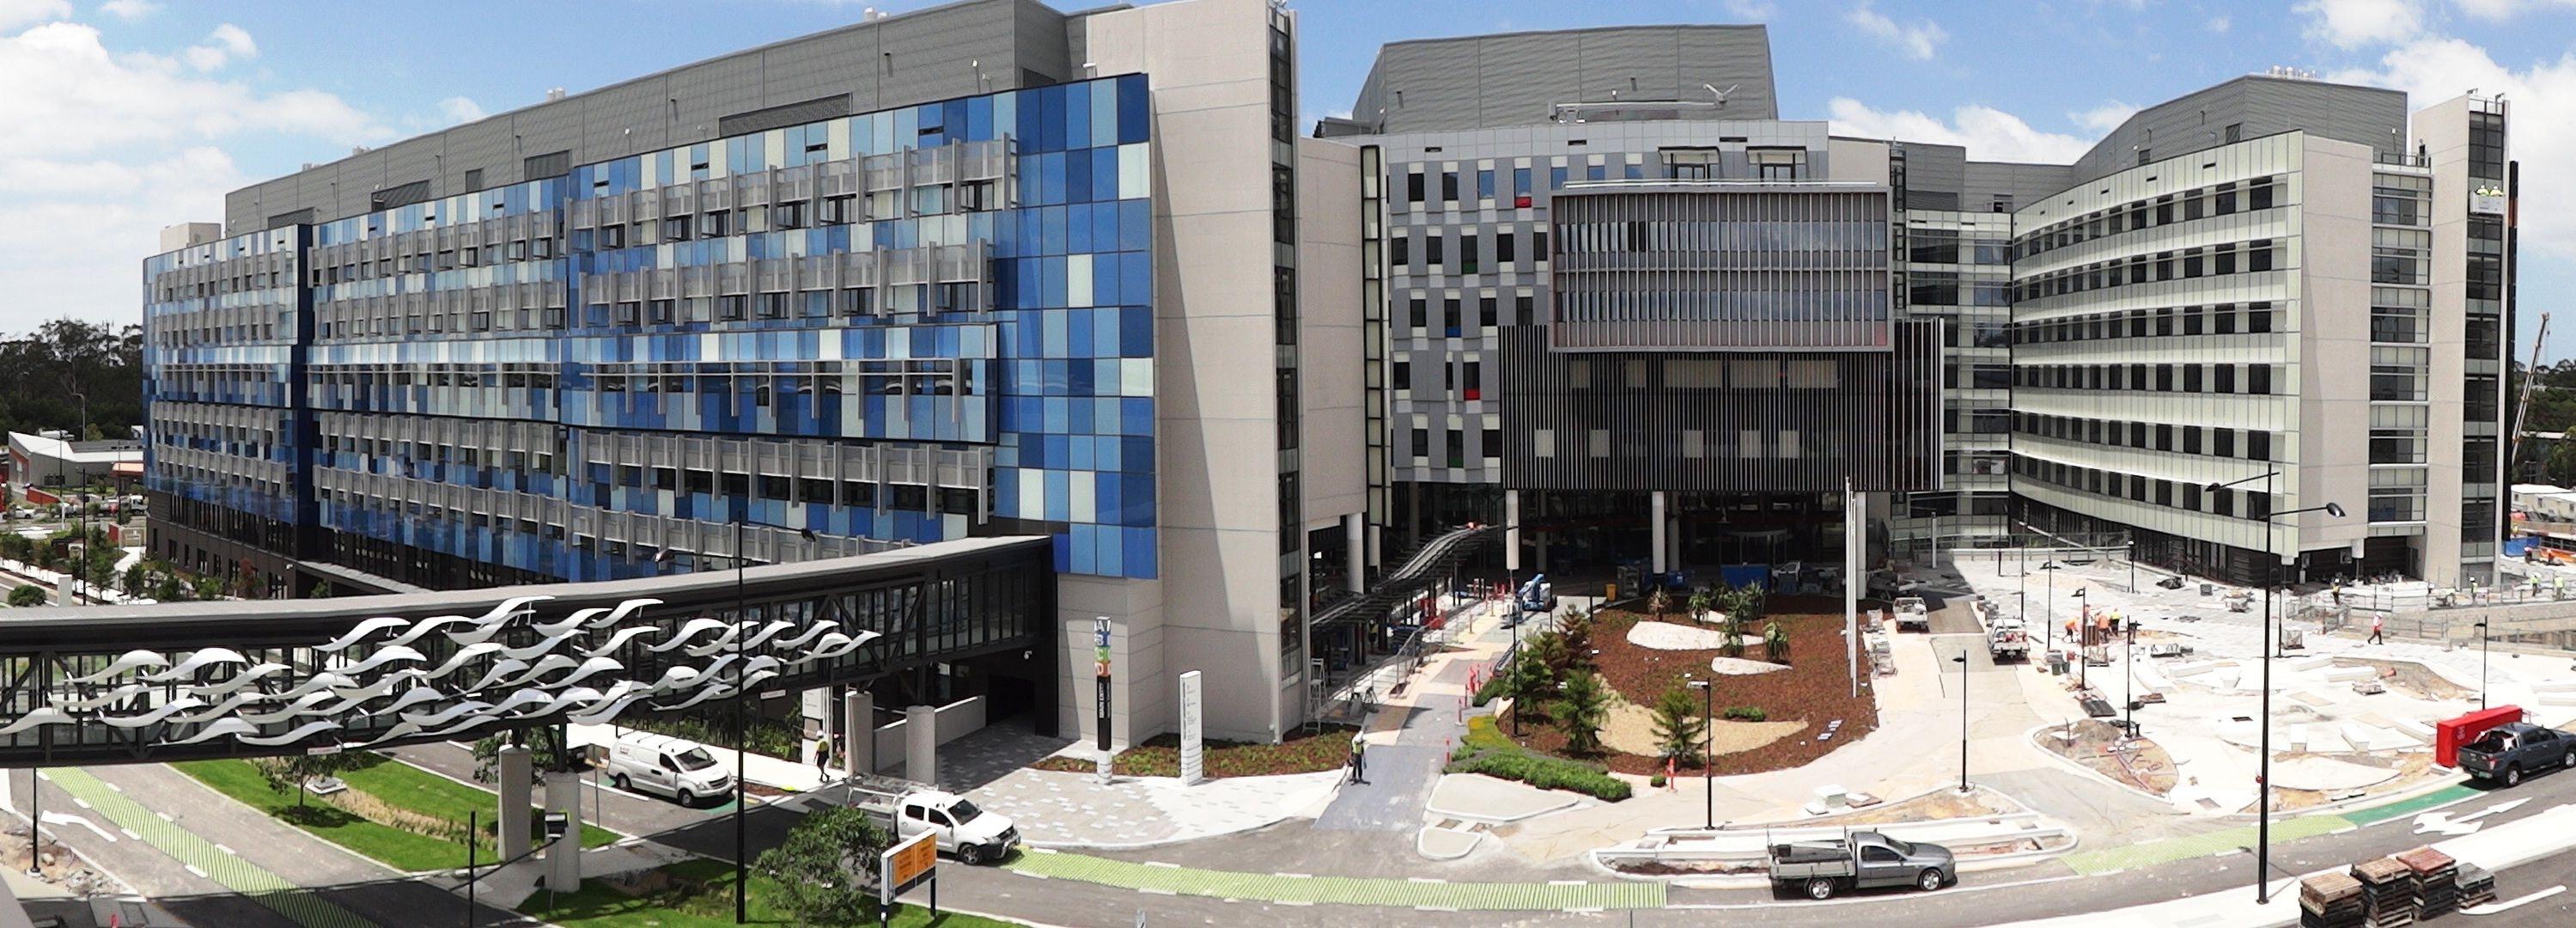 Gold coast university hospital accommodation aqualine resort - Griffith university gold coast swimming pool ...